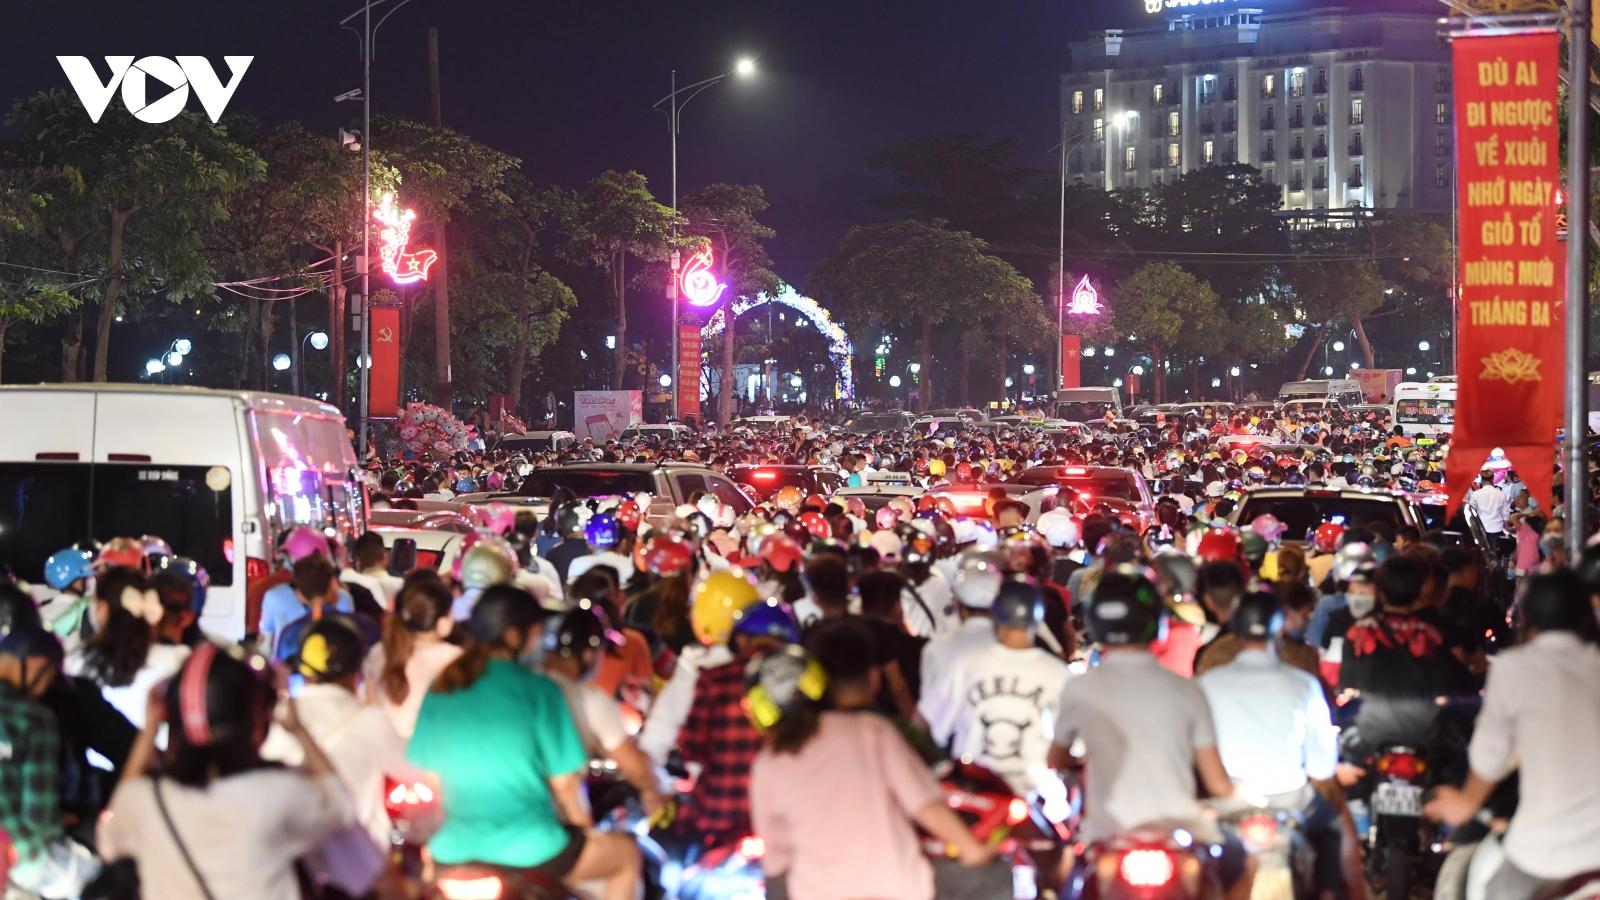 """""""Biển người"""" xem pháo hoa, đường phố Việt Trì tắc nghẽn"""